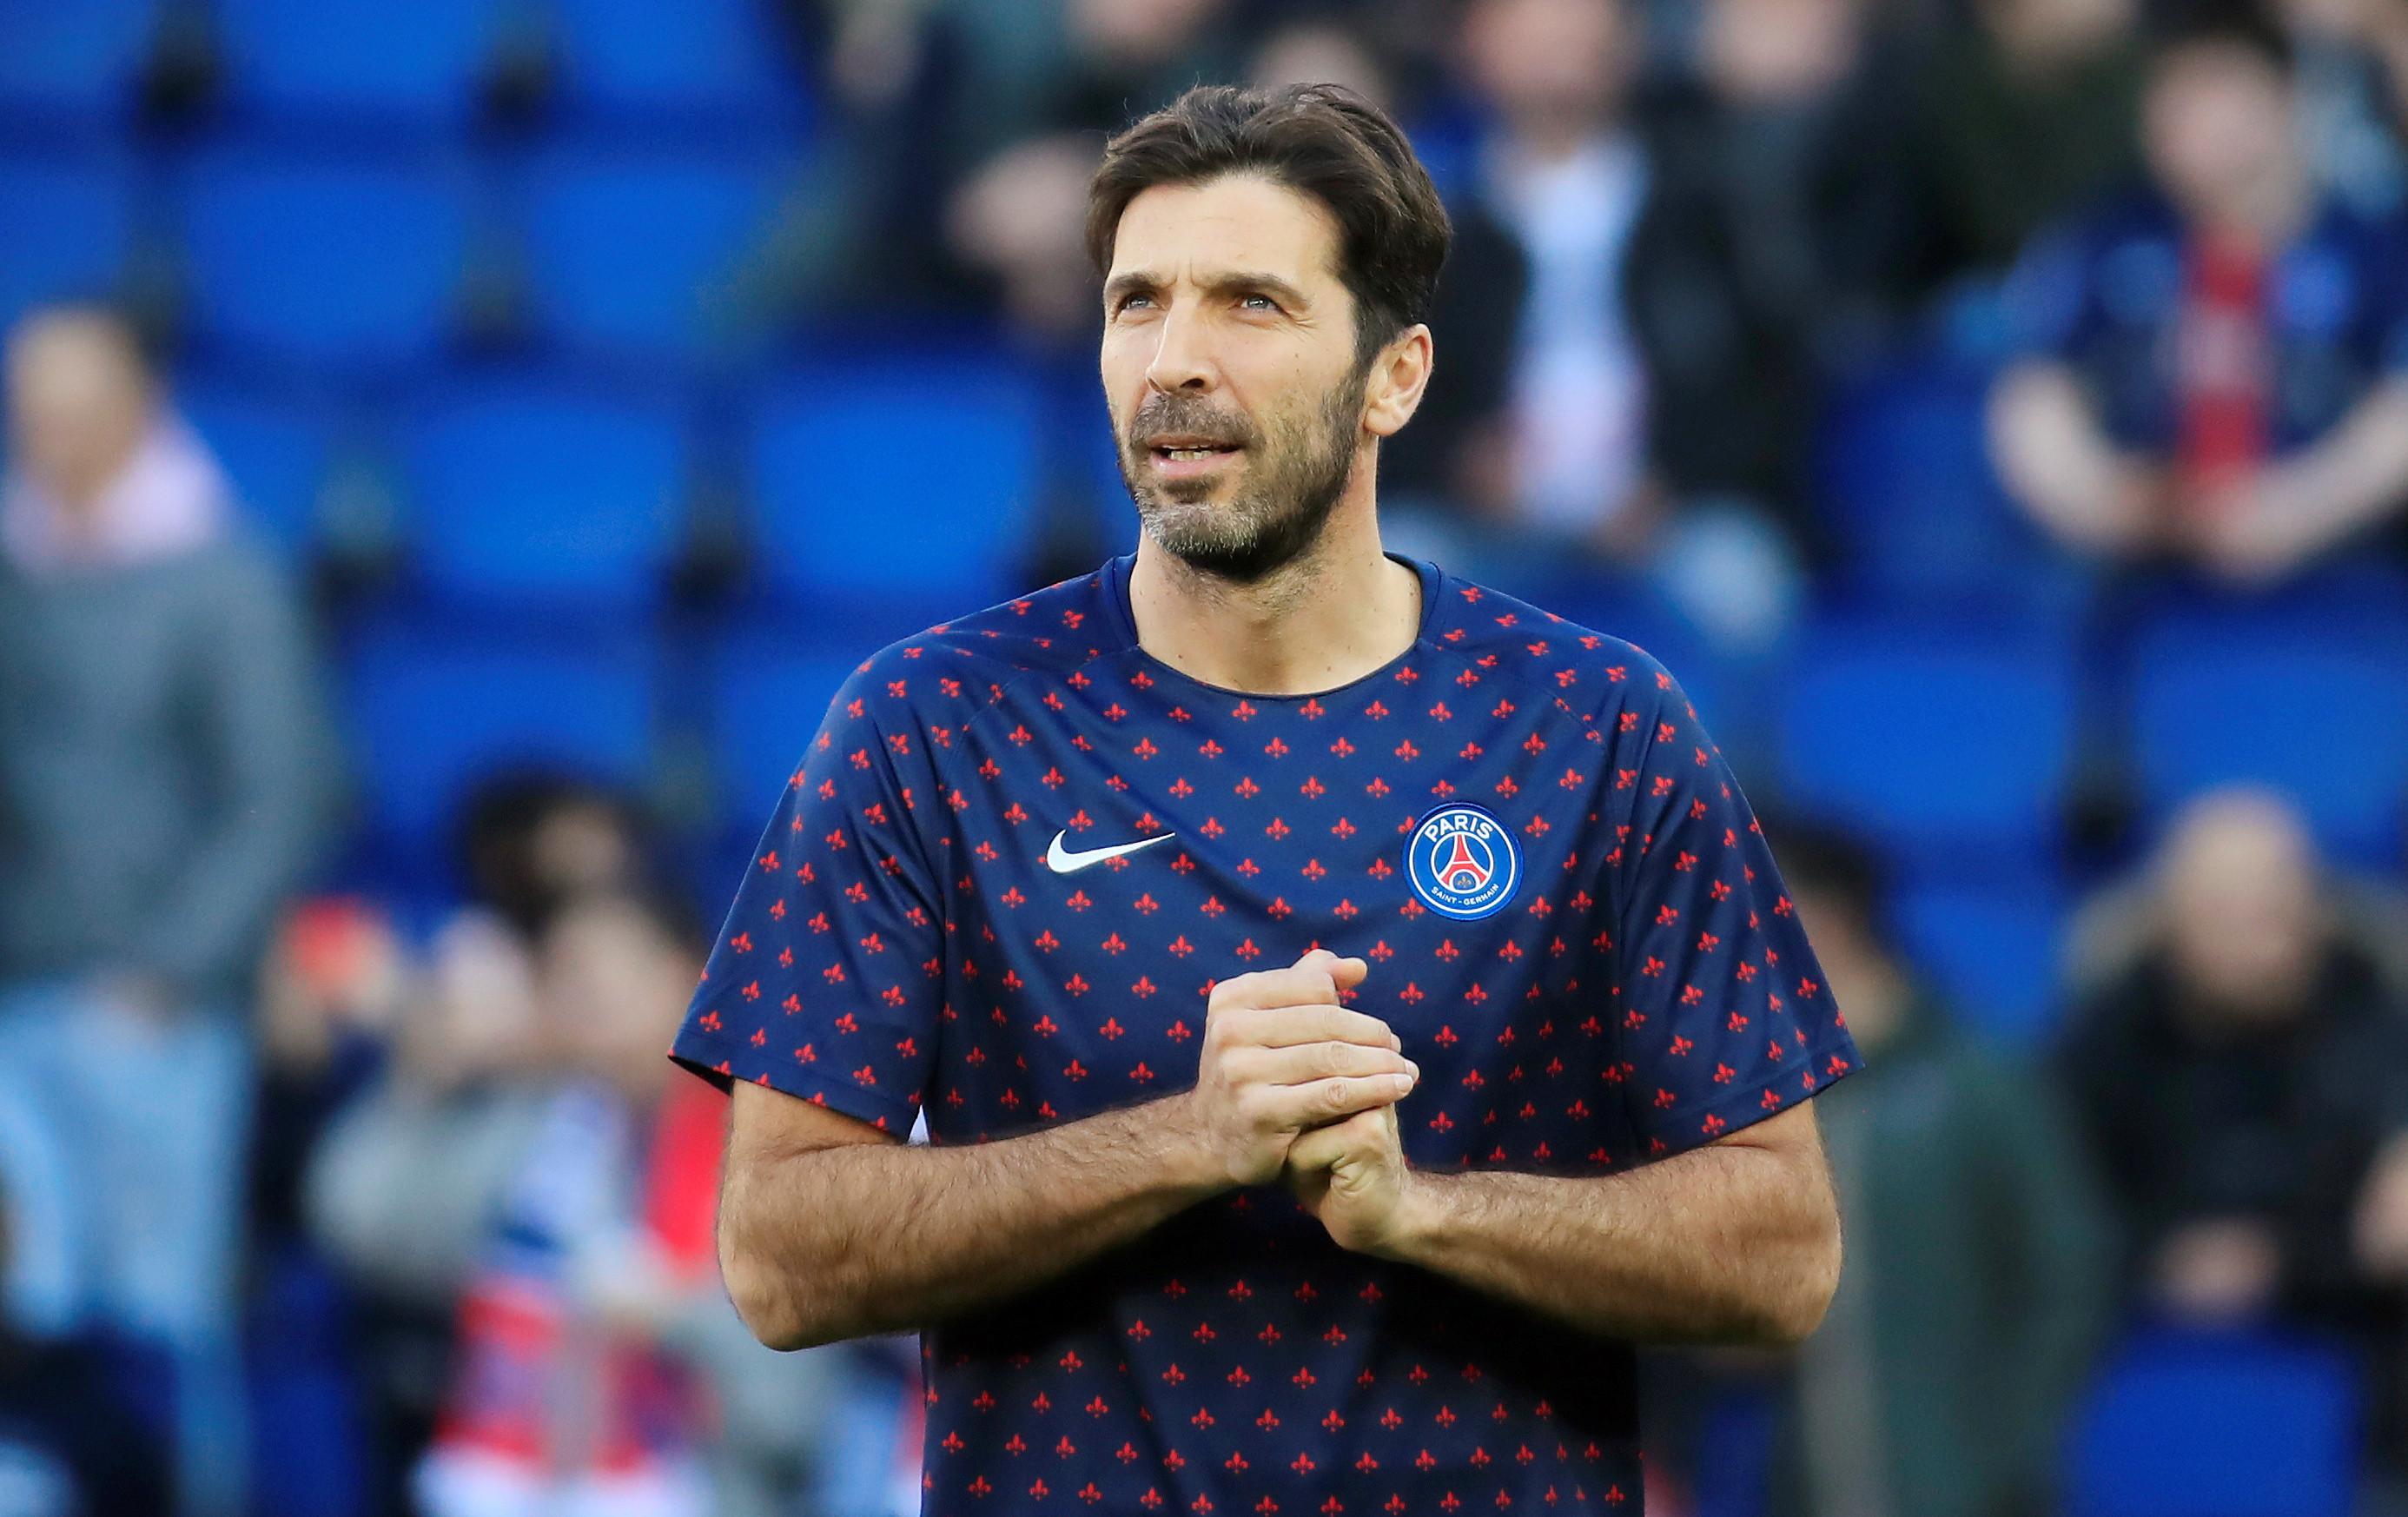 Após falhas, Buffon vira reserva e vê fim de carreira melancólico